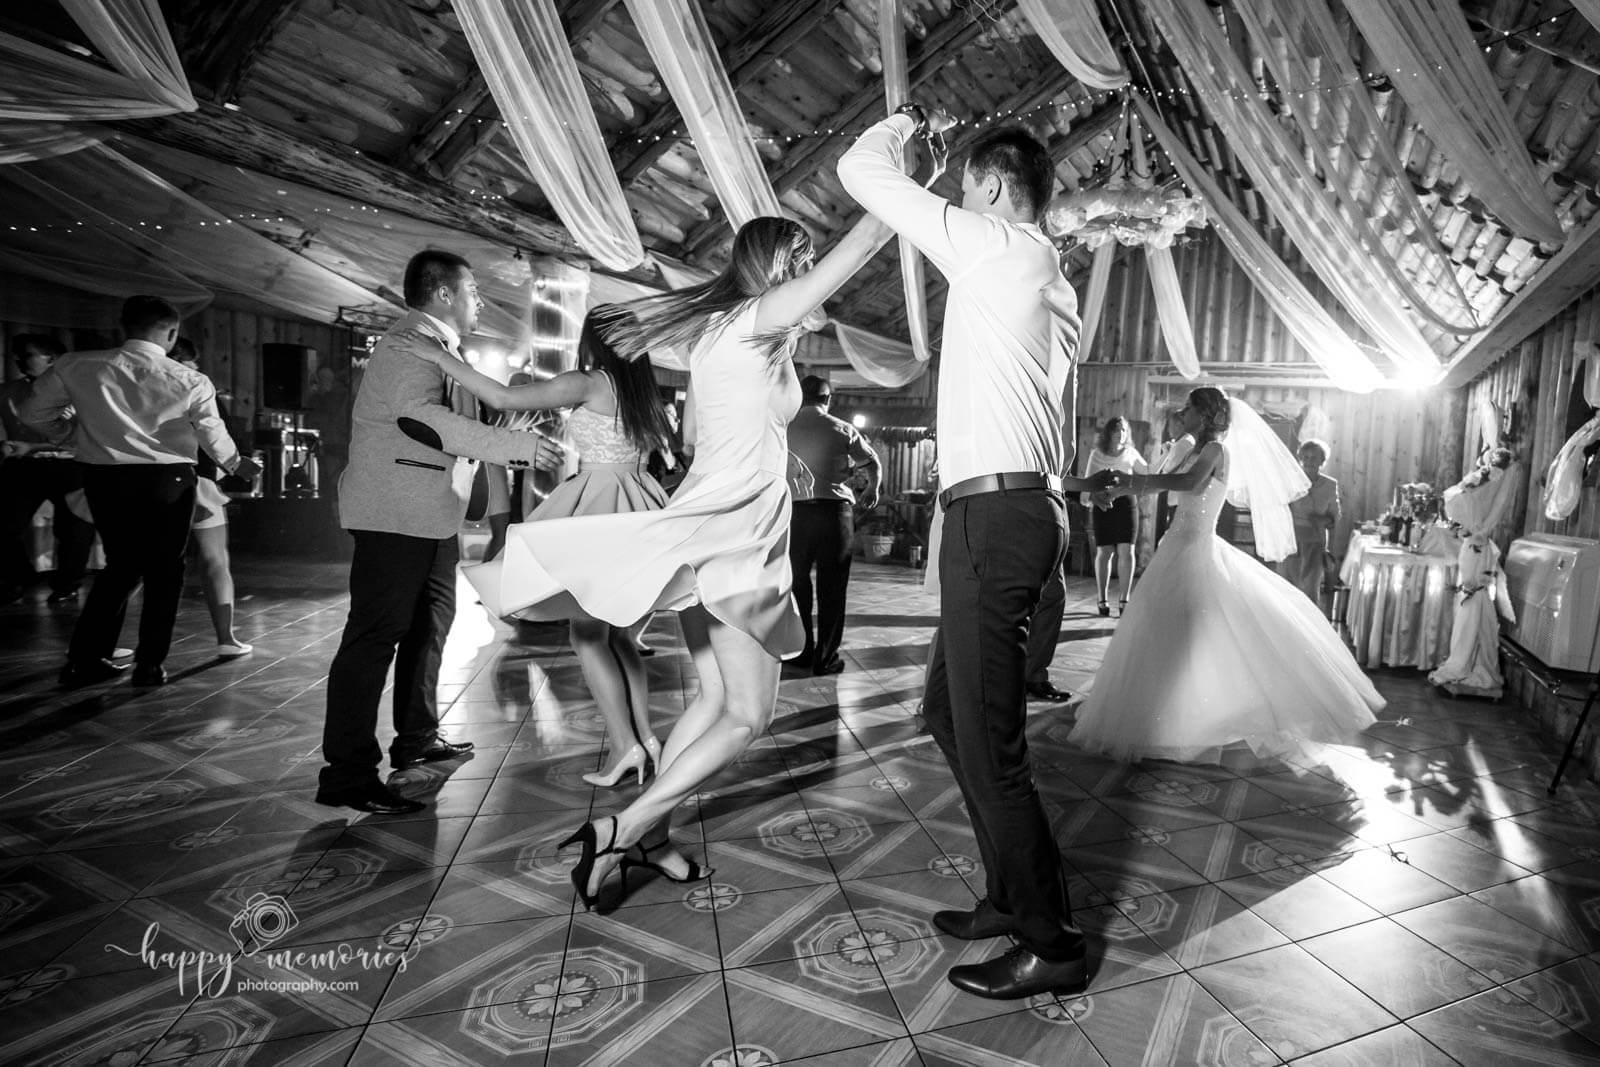 Wedding photographer Horsham-26